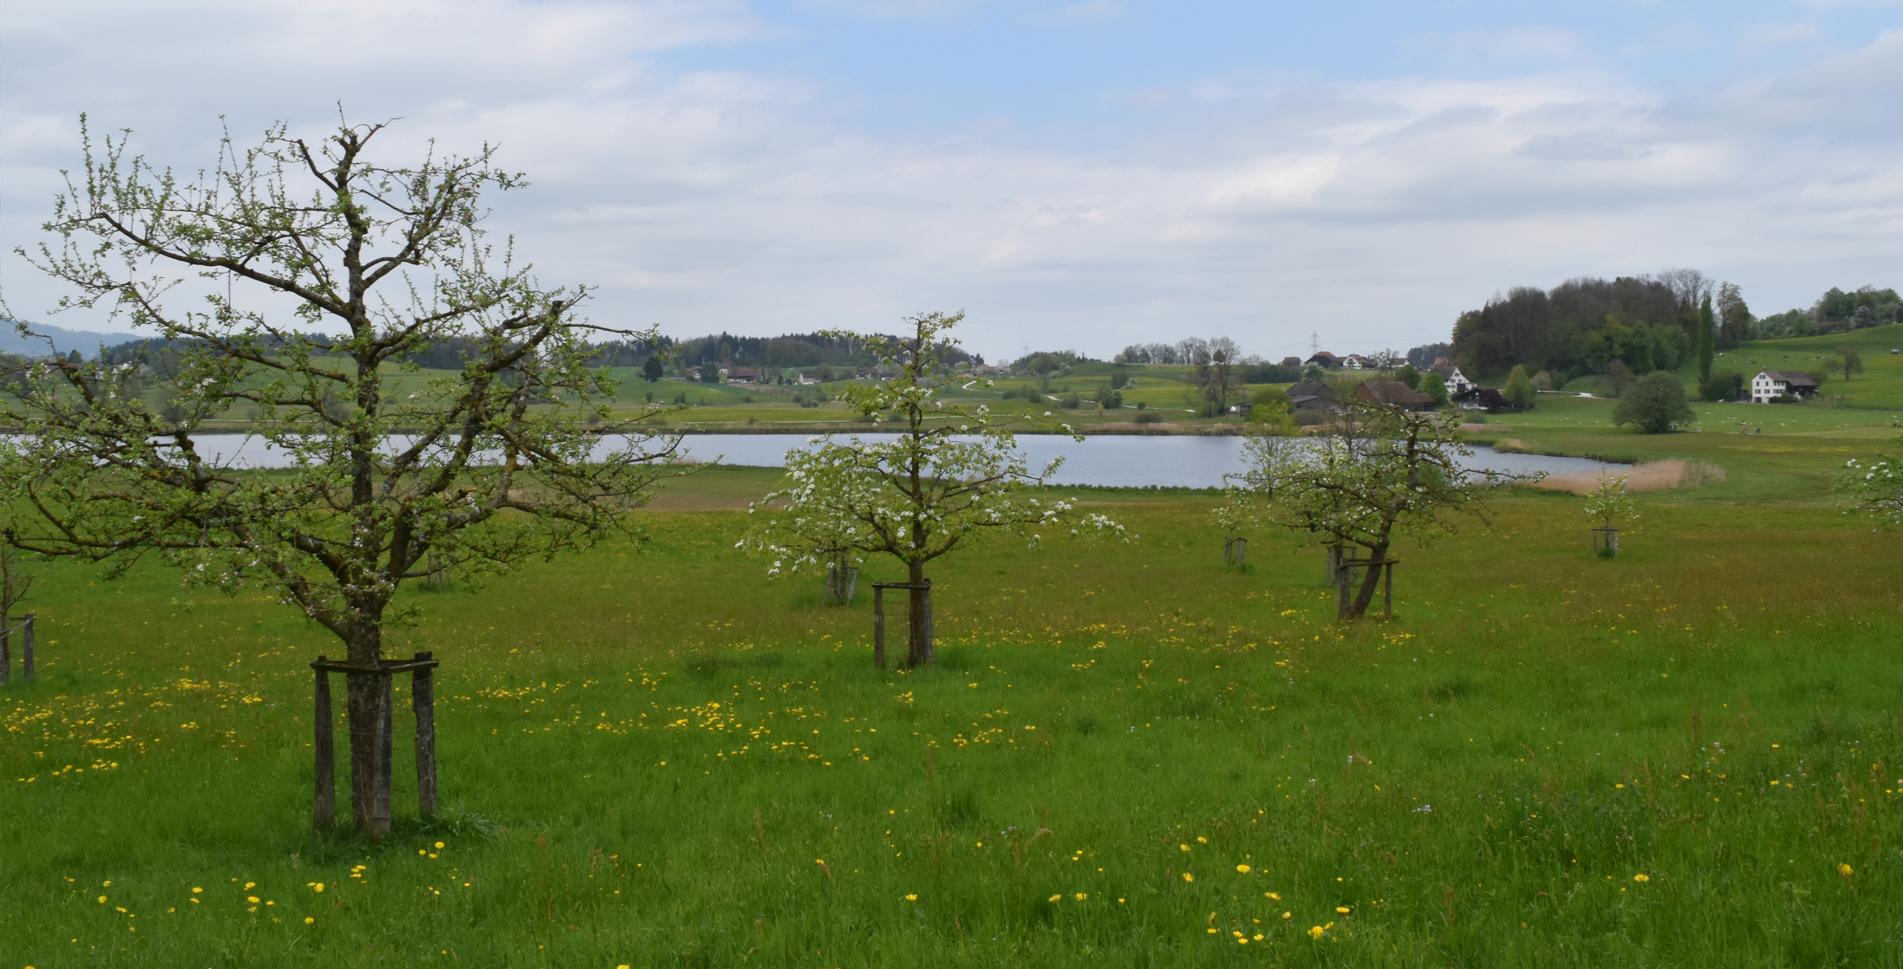 Wanderung von Grüningen im Zürcher Oberland zum Botanischen Garten und zum Lützelsee mit der Stochensiedlung und weiter via Hombrechtikon nach Feldbach am Zürichsee